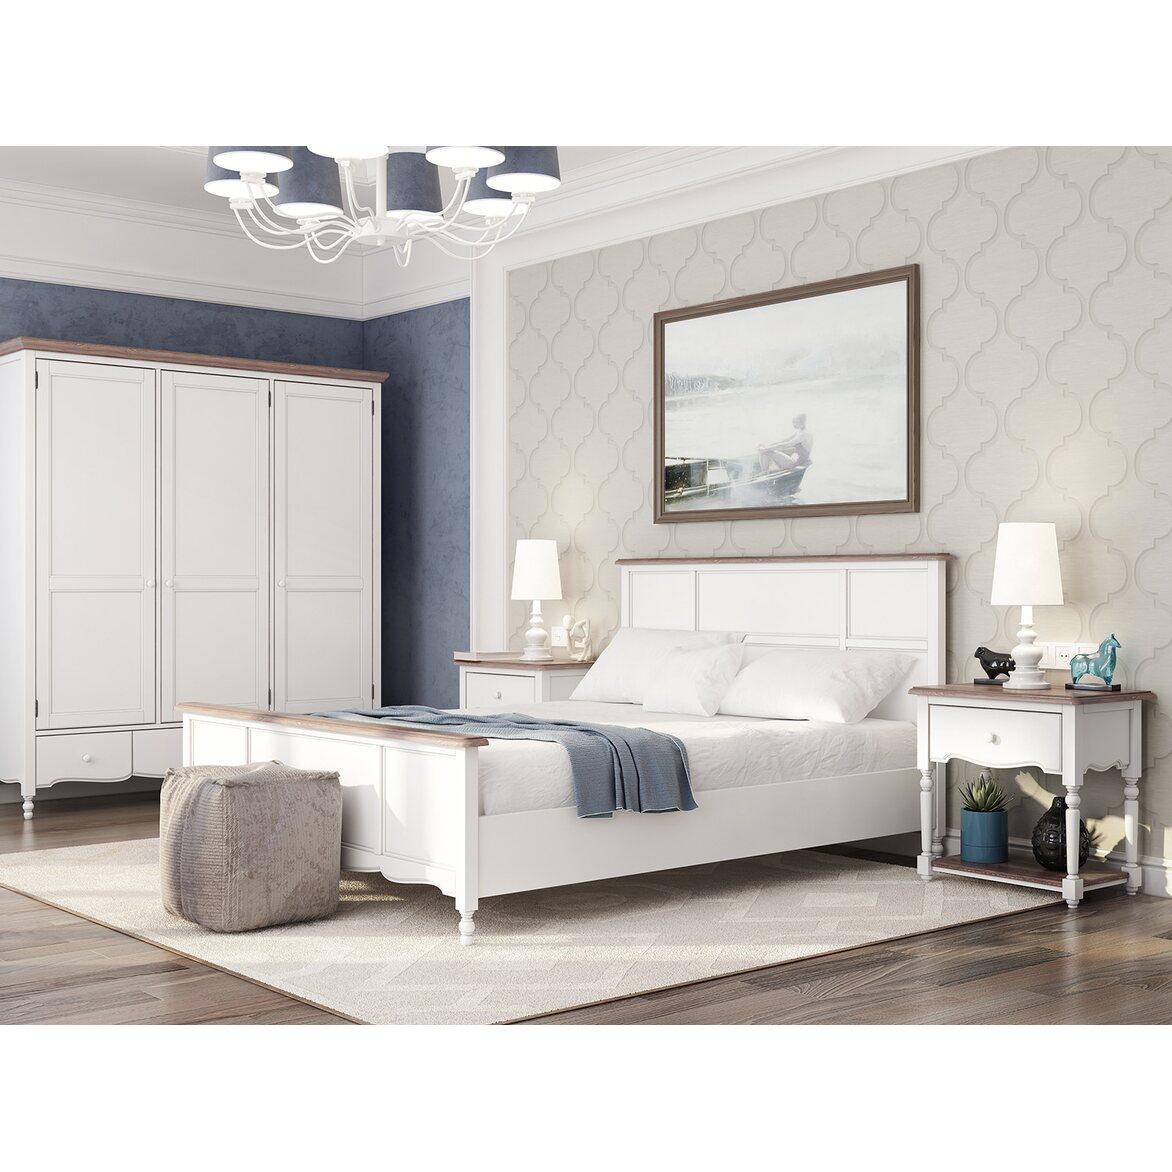 Кровать Leblanc белая, с изножьем 4 | Двуспальные кровати Kingsby